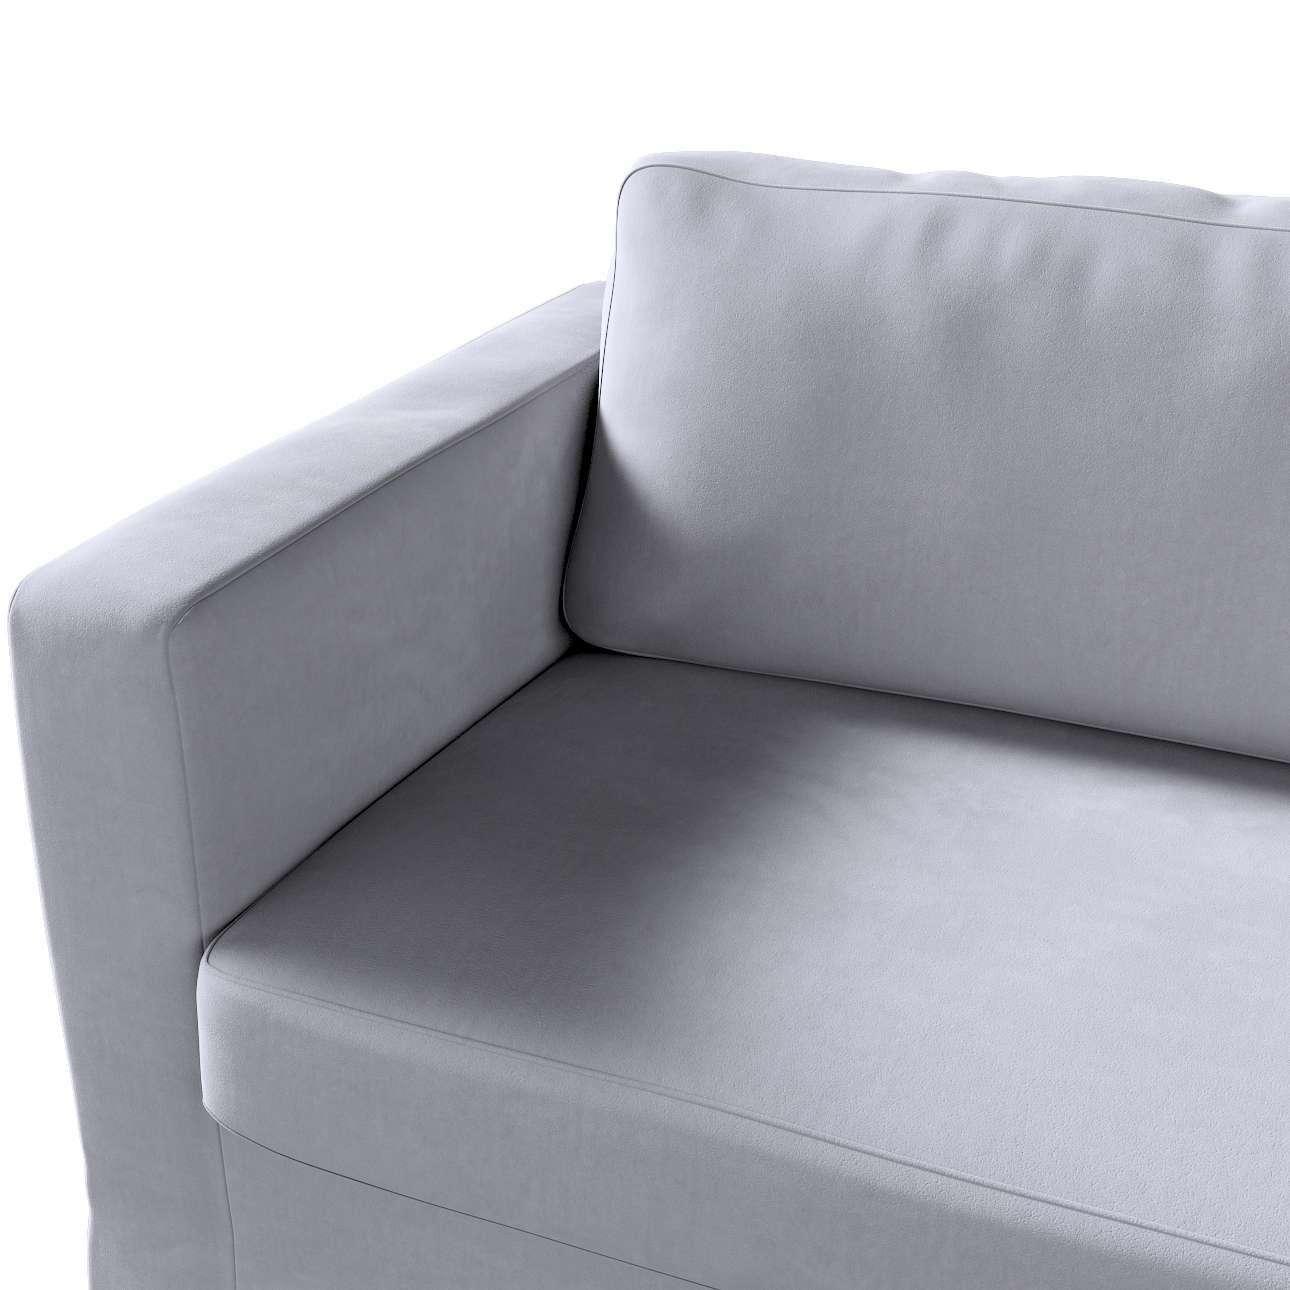 Potah na pohovku IKEA  Karlstad 3-místná, nerozkládací, dlouhý v kolekci Velvet, látka: 704-24